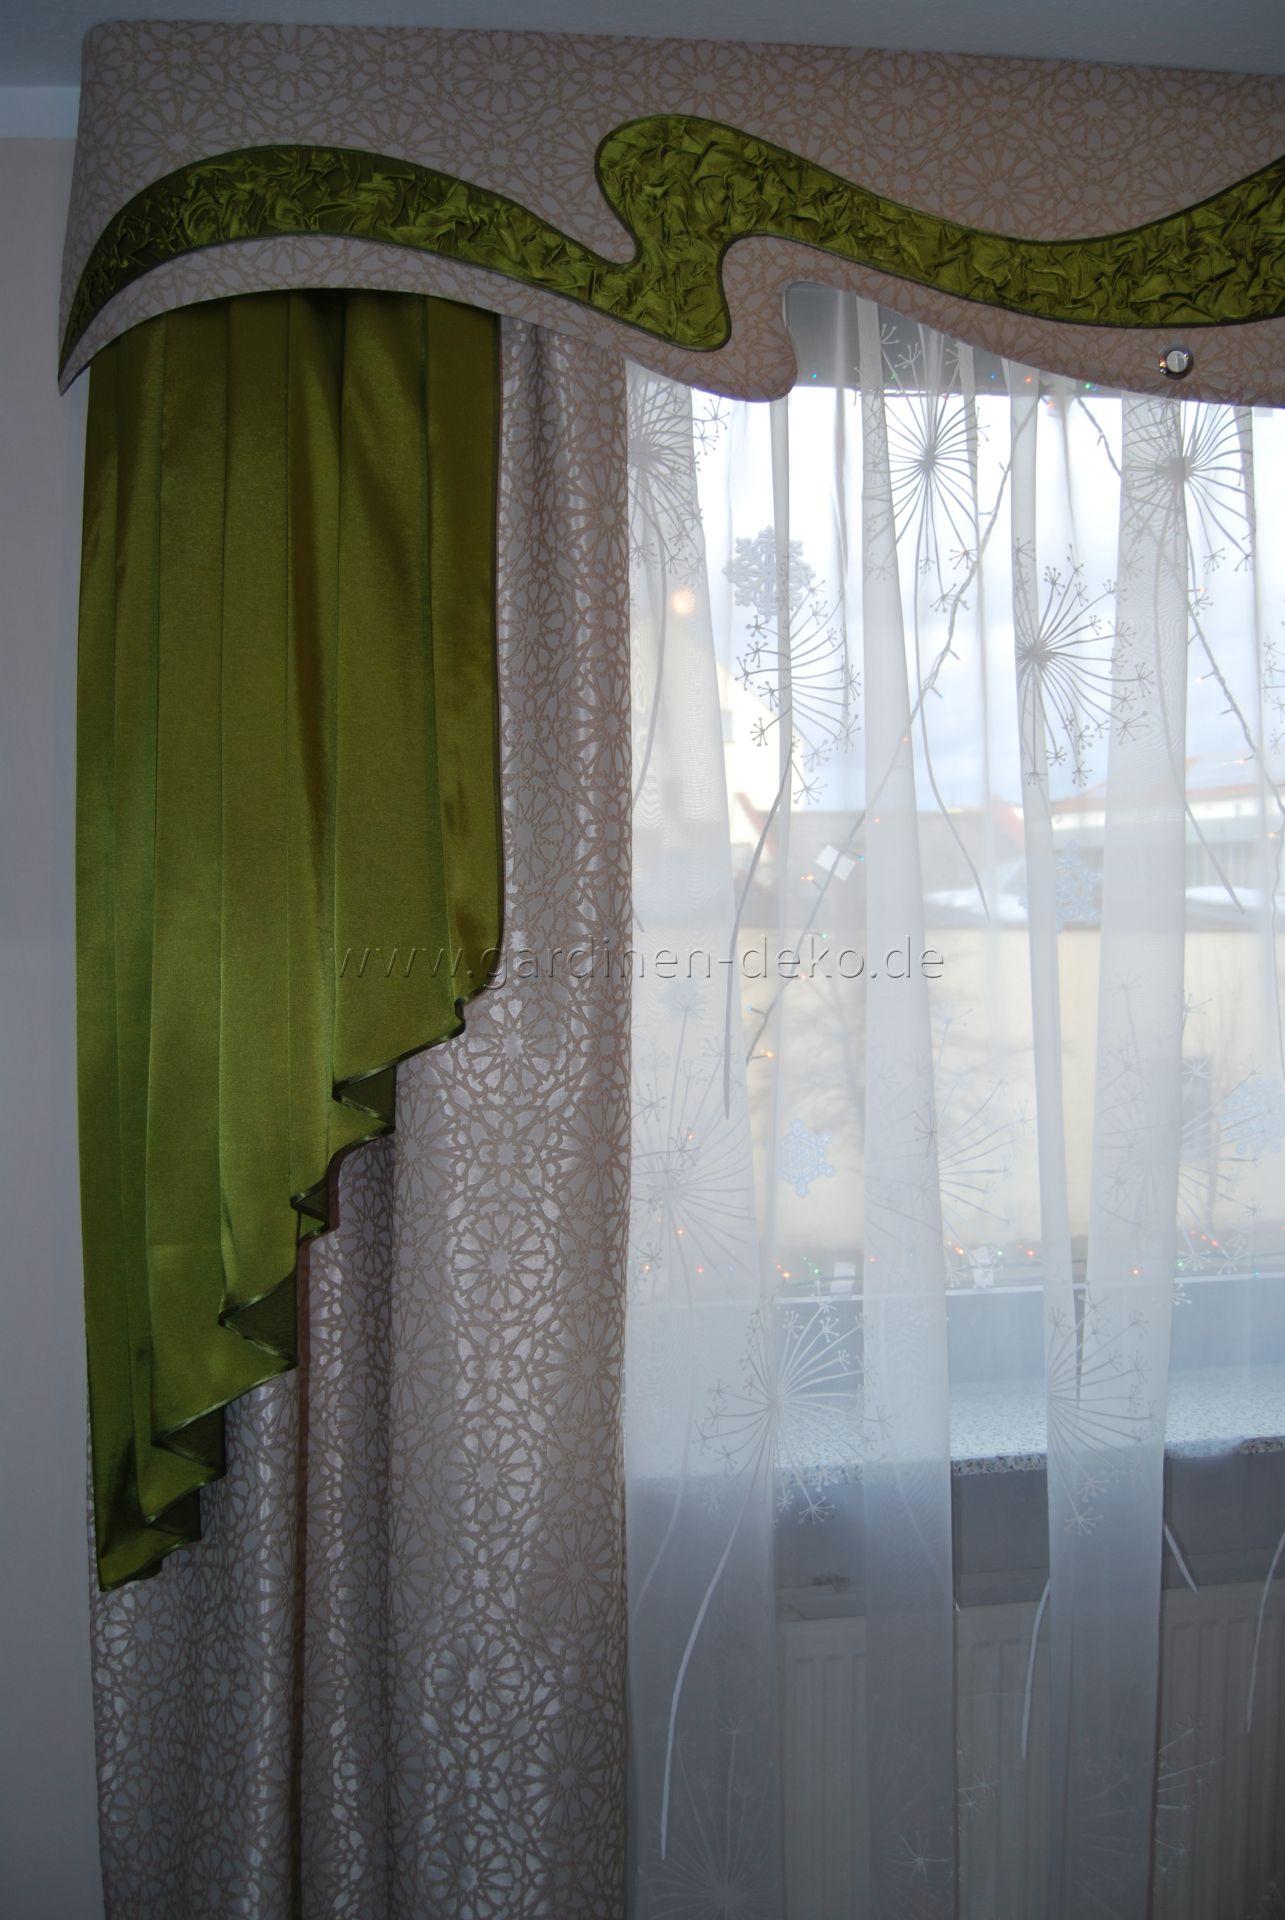 pin von gretzinger fensterdeko auf unsere arbeiten pinterest blumenmuster vorh nge und gardinen. Black Bedroom Furniture Sets. Home Design Ideas